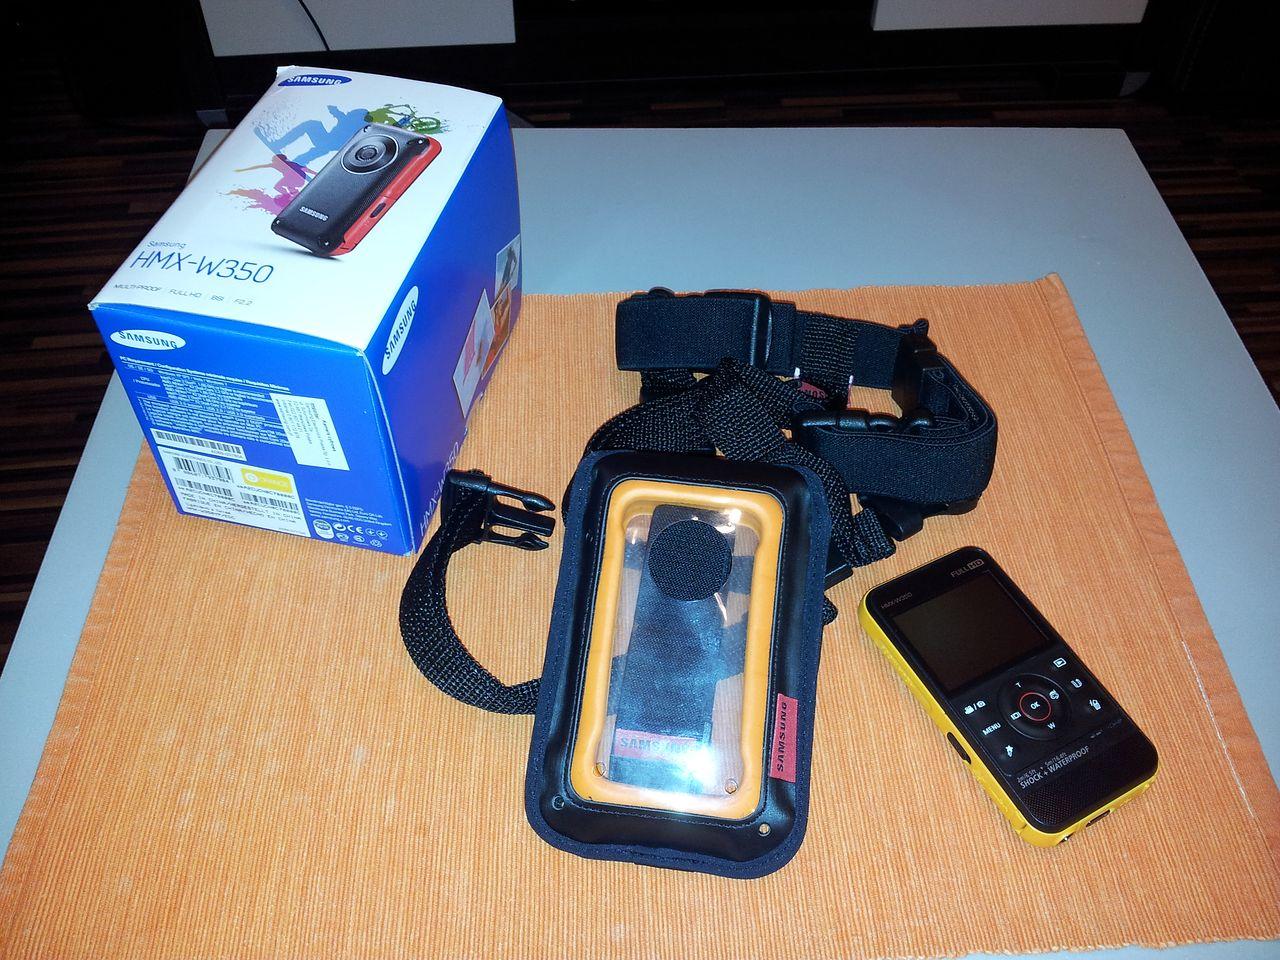 Samsung HMX-W350 [test v.1]. Pierwsze wrażenia - Fot. Autor (Samsung Galaxy SII)